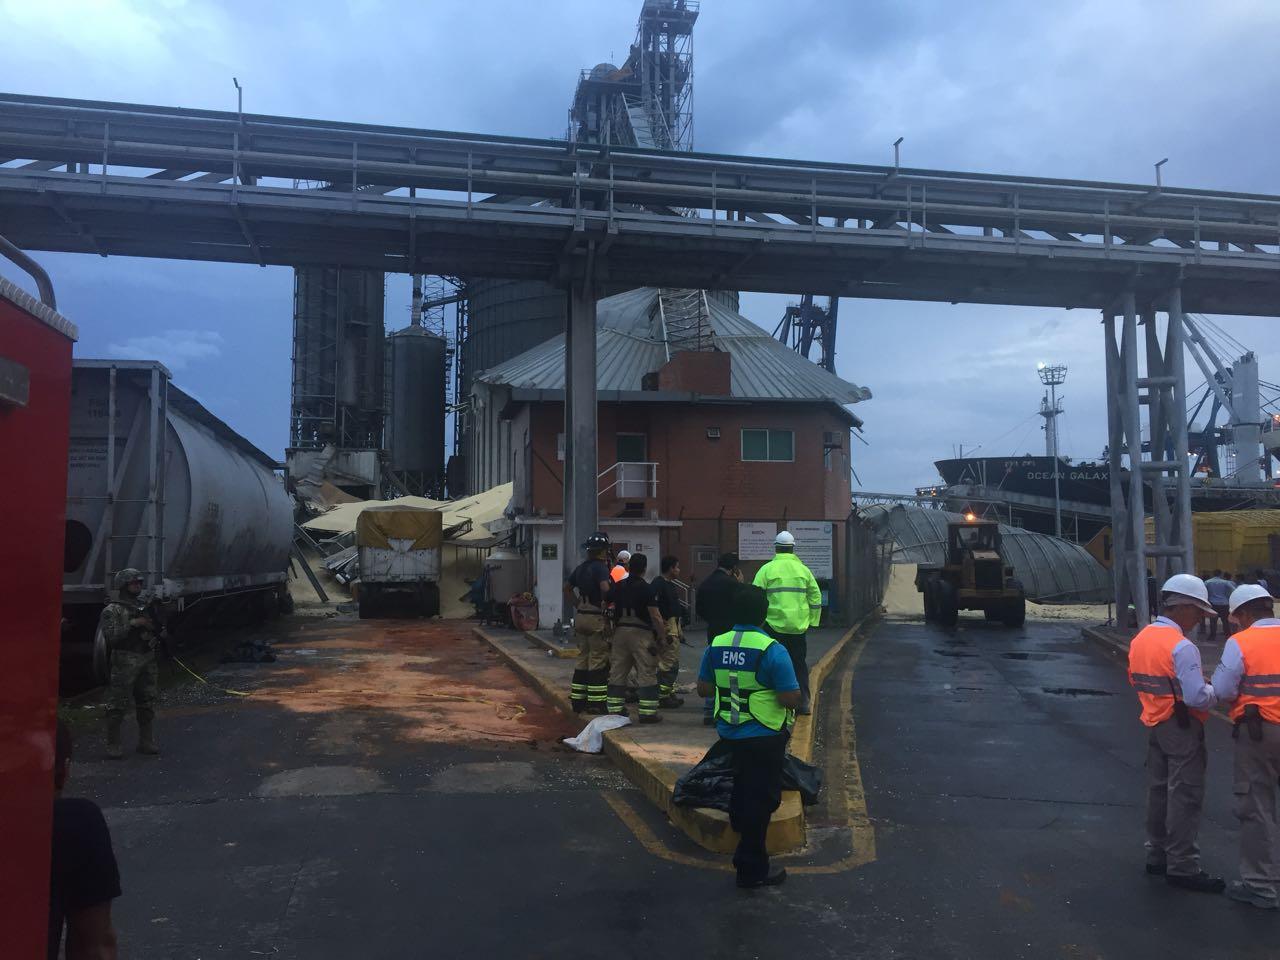 Un silo colapsa y provoca la desaparición de dos personas